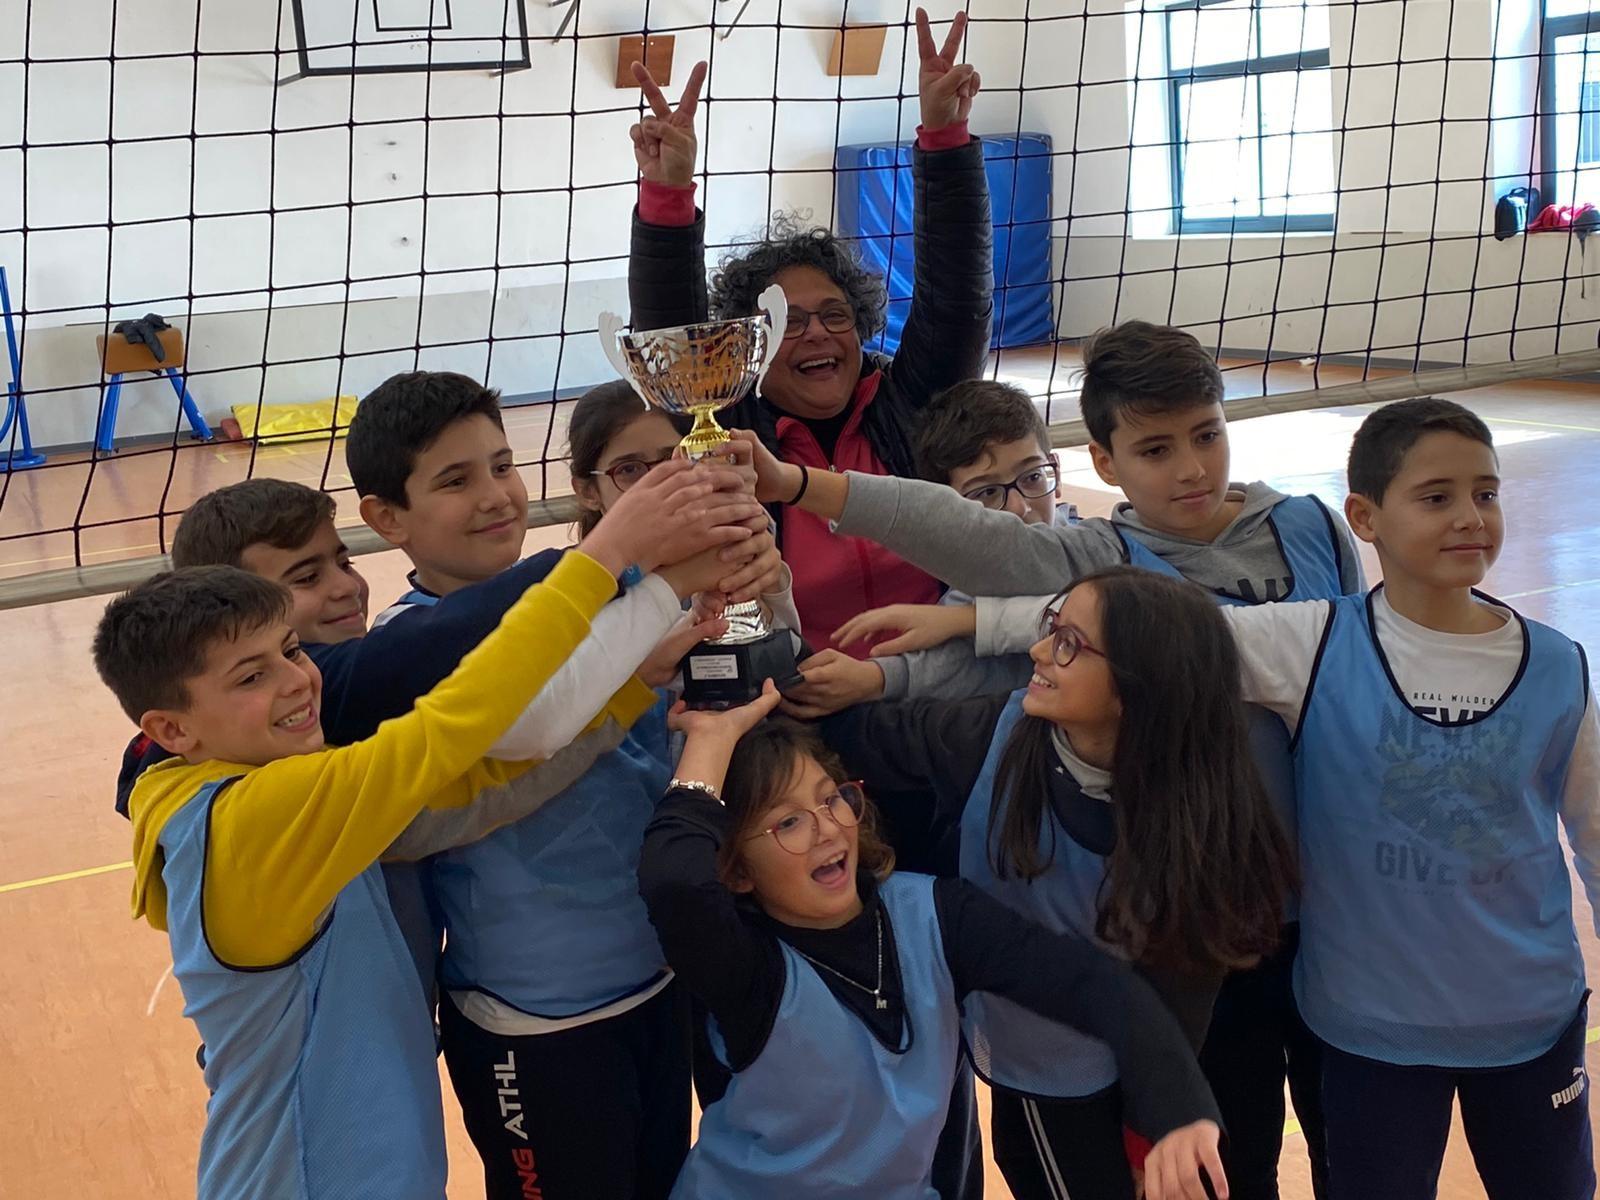 Finale di Palla Rilanciata: Vittoria degli alunni del Capuana-Pardo